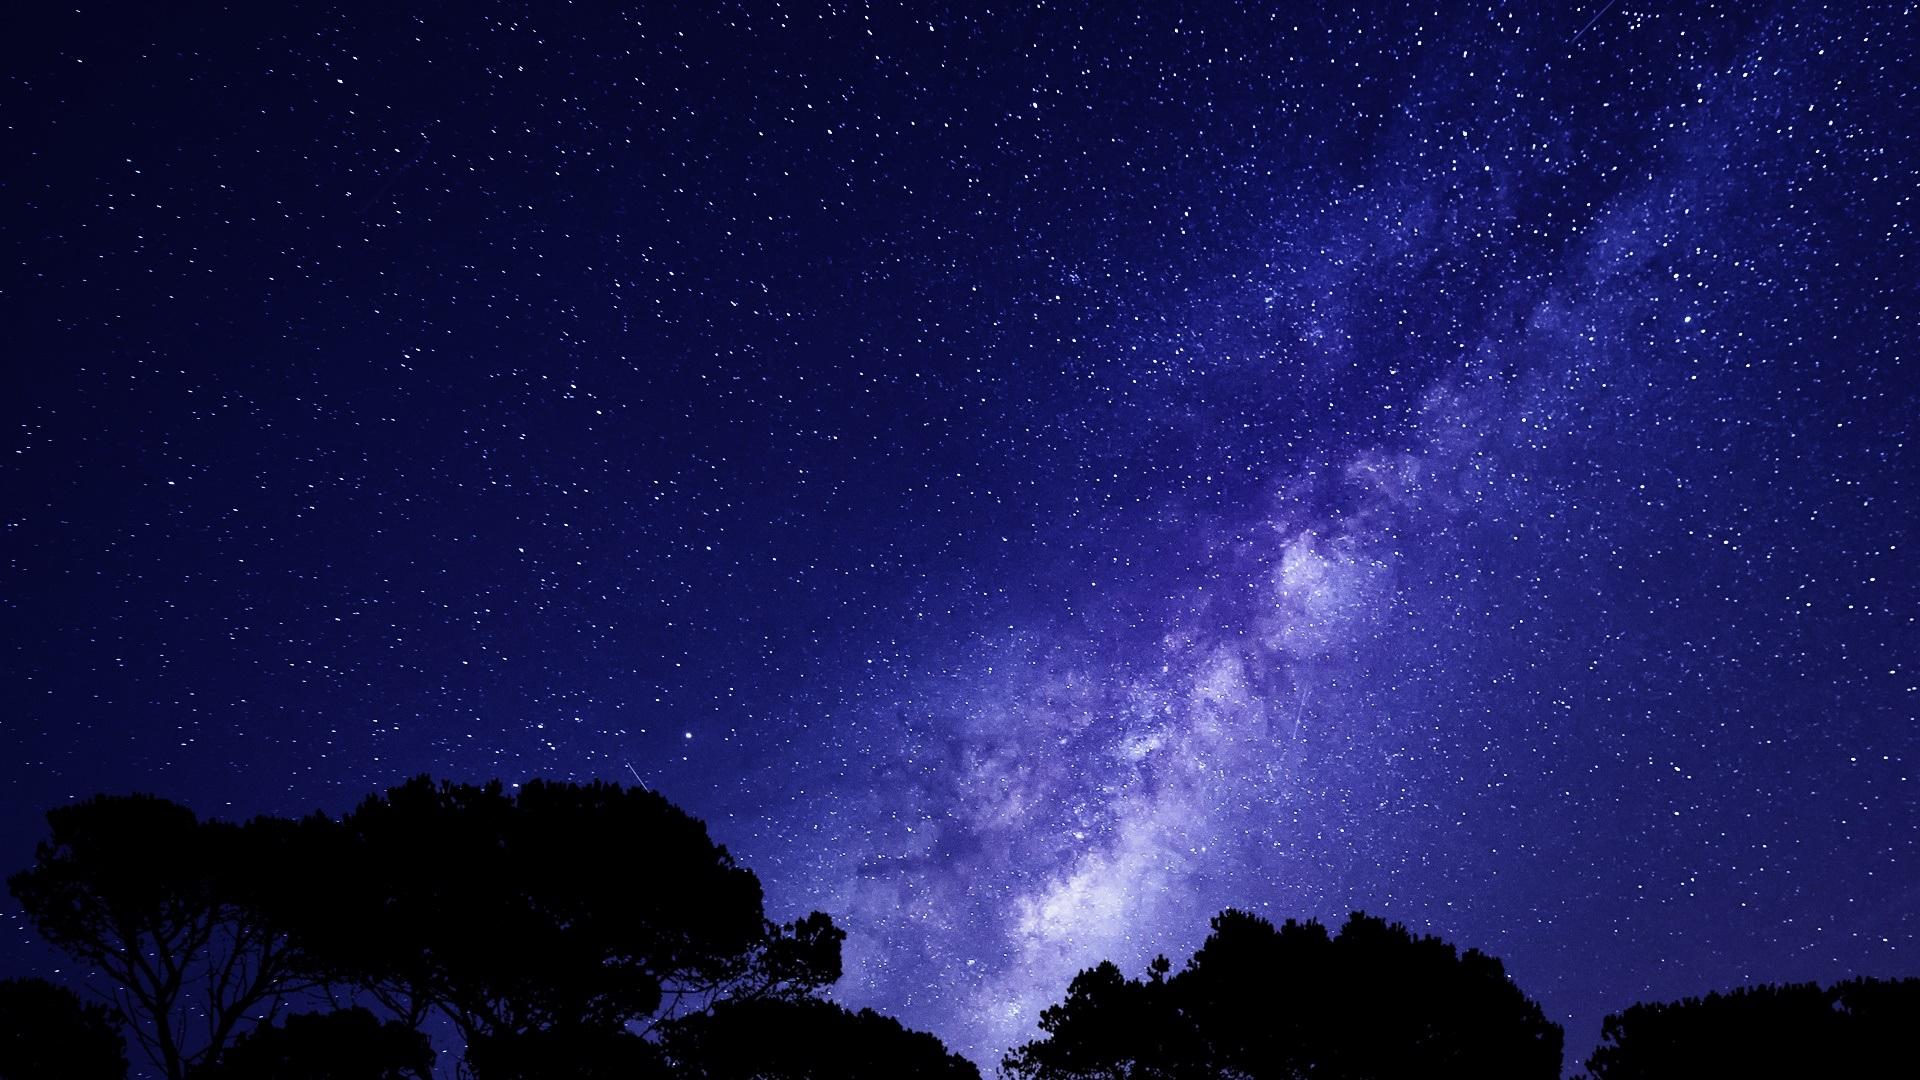 Bầu trời đêm đầy sao cùng ánh tím